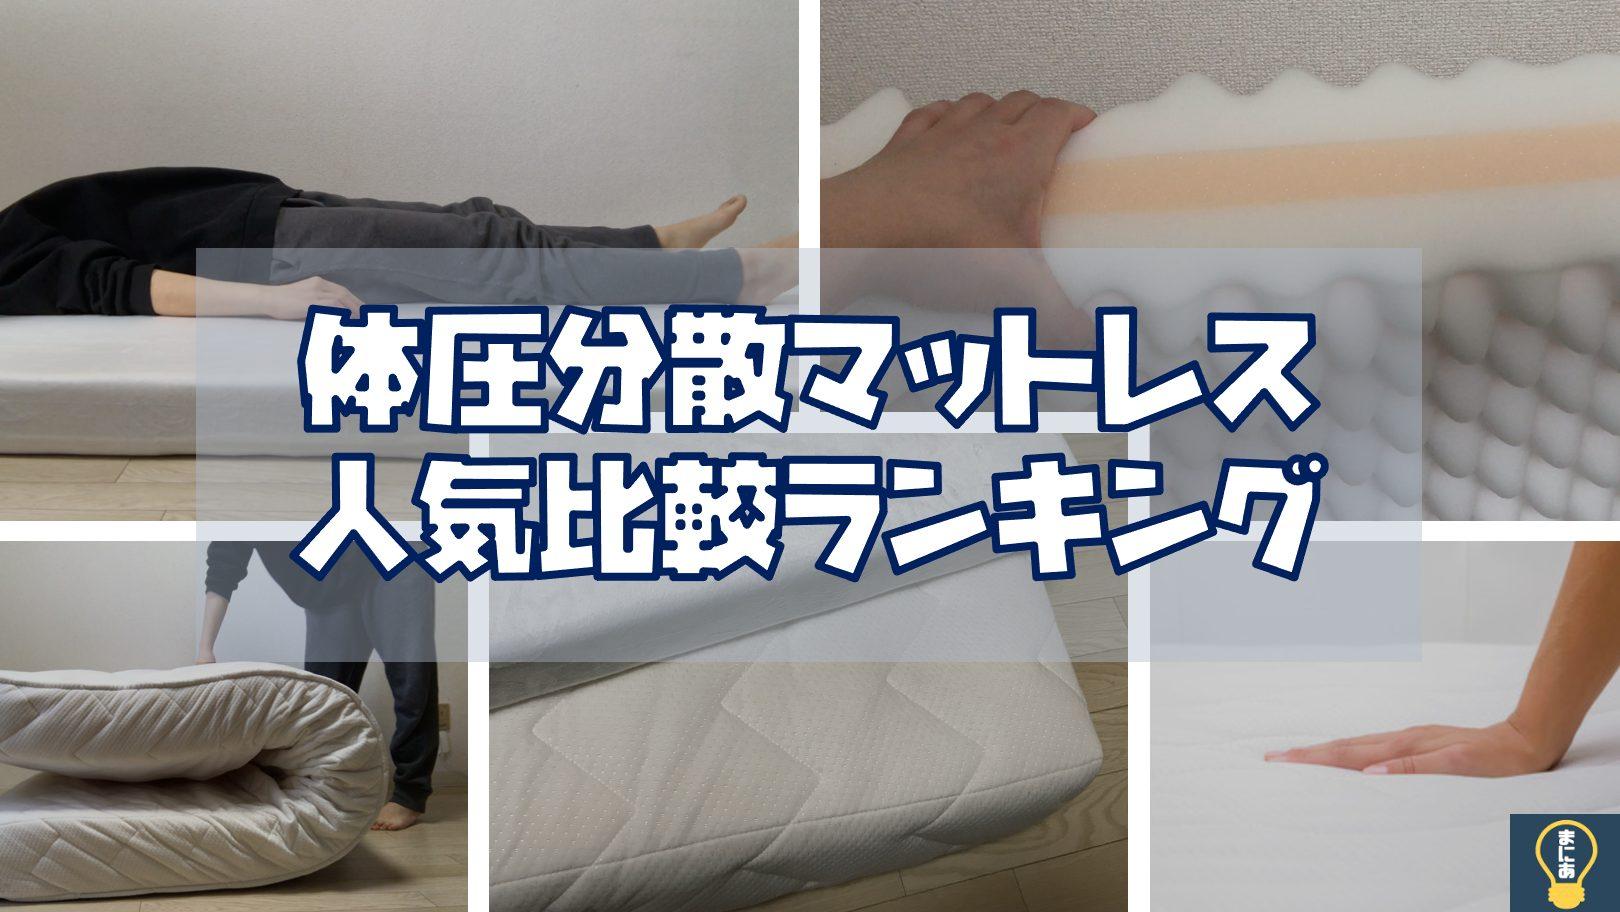 超快眠!体圧分散マットレスのおすすめ人気ランキング【寝具5選】